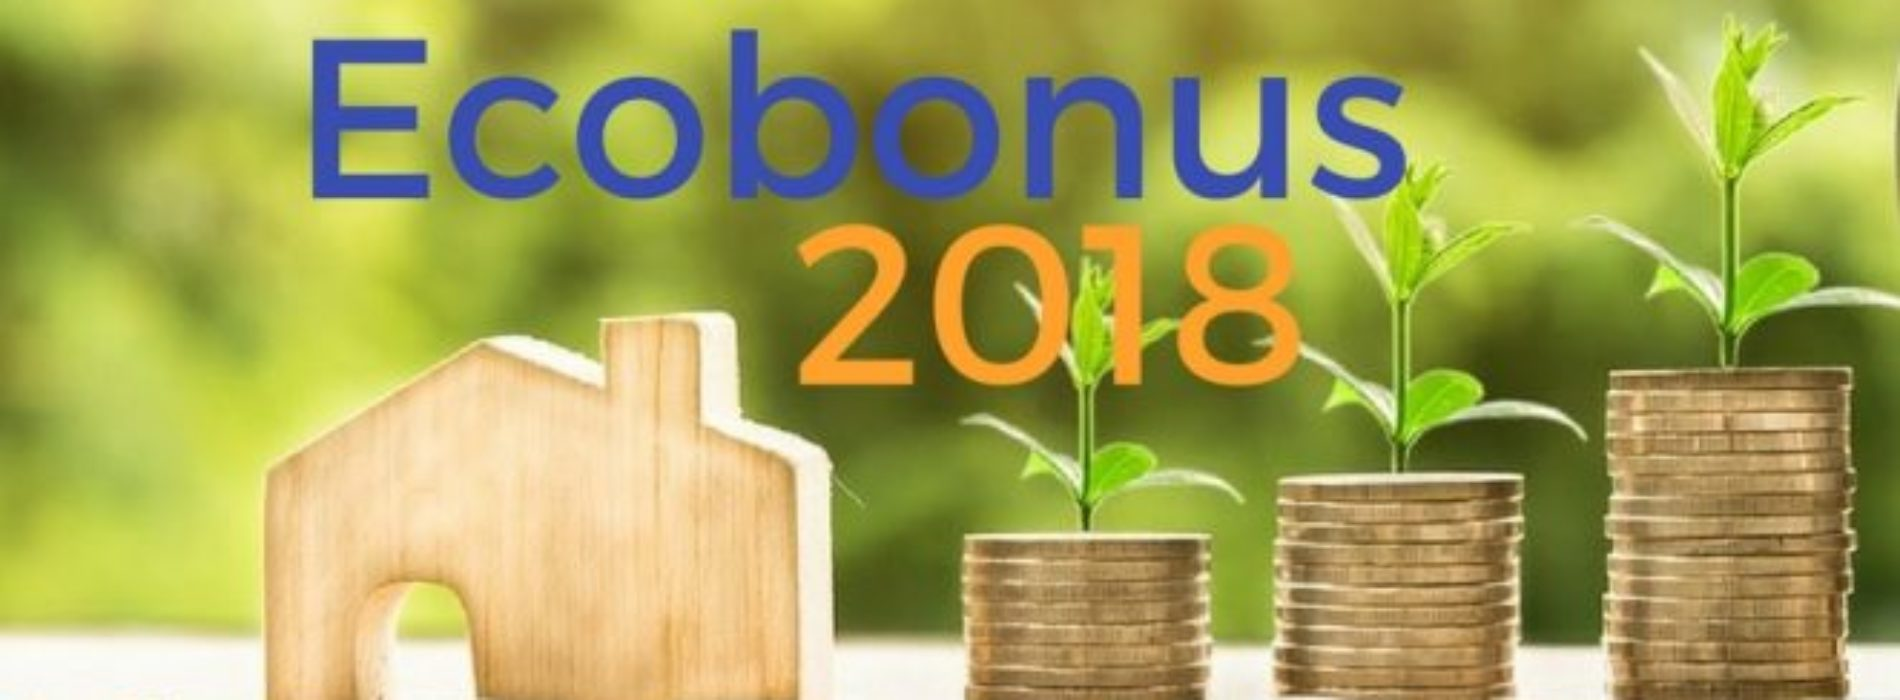 Il portale per richiedere l'ecobonus è online